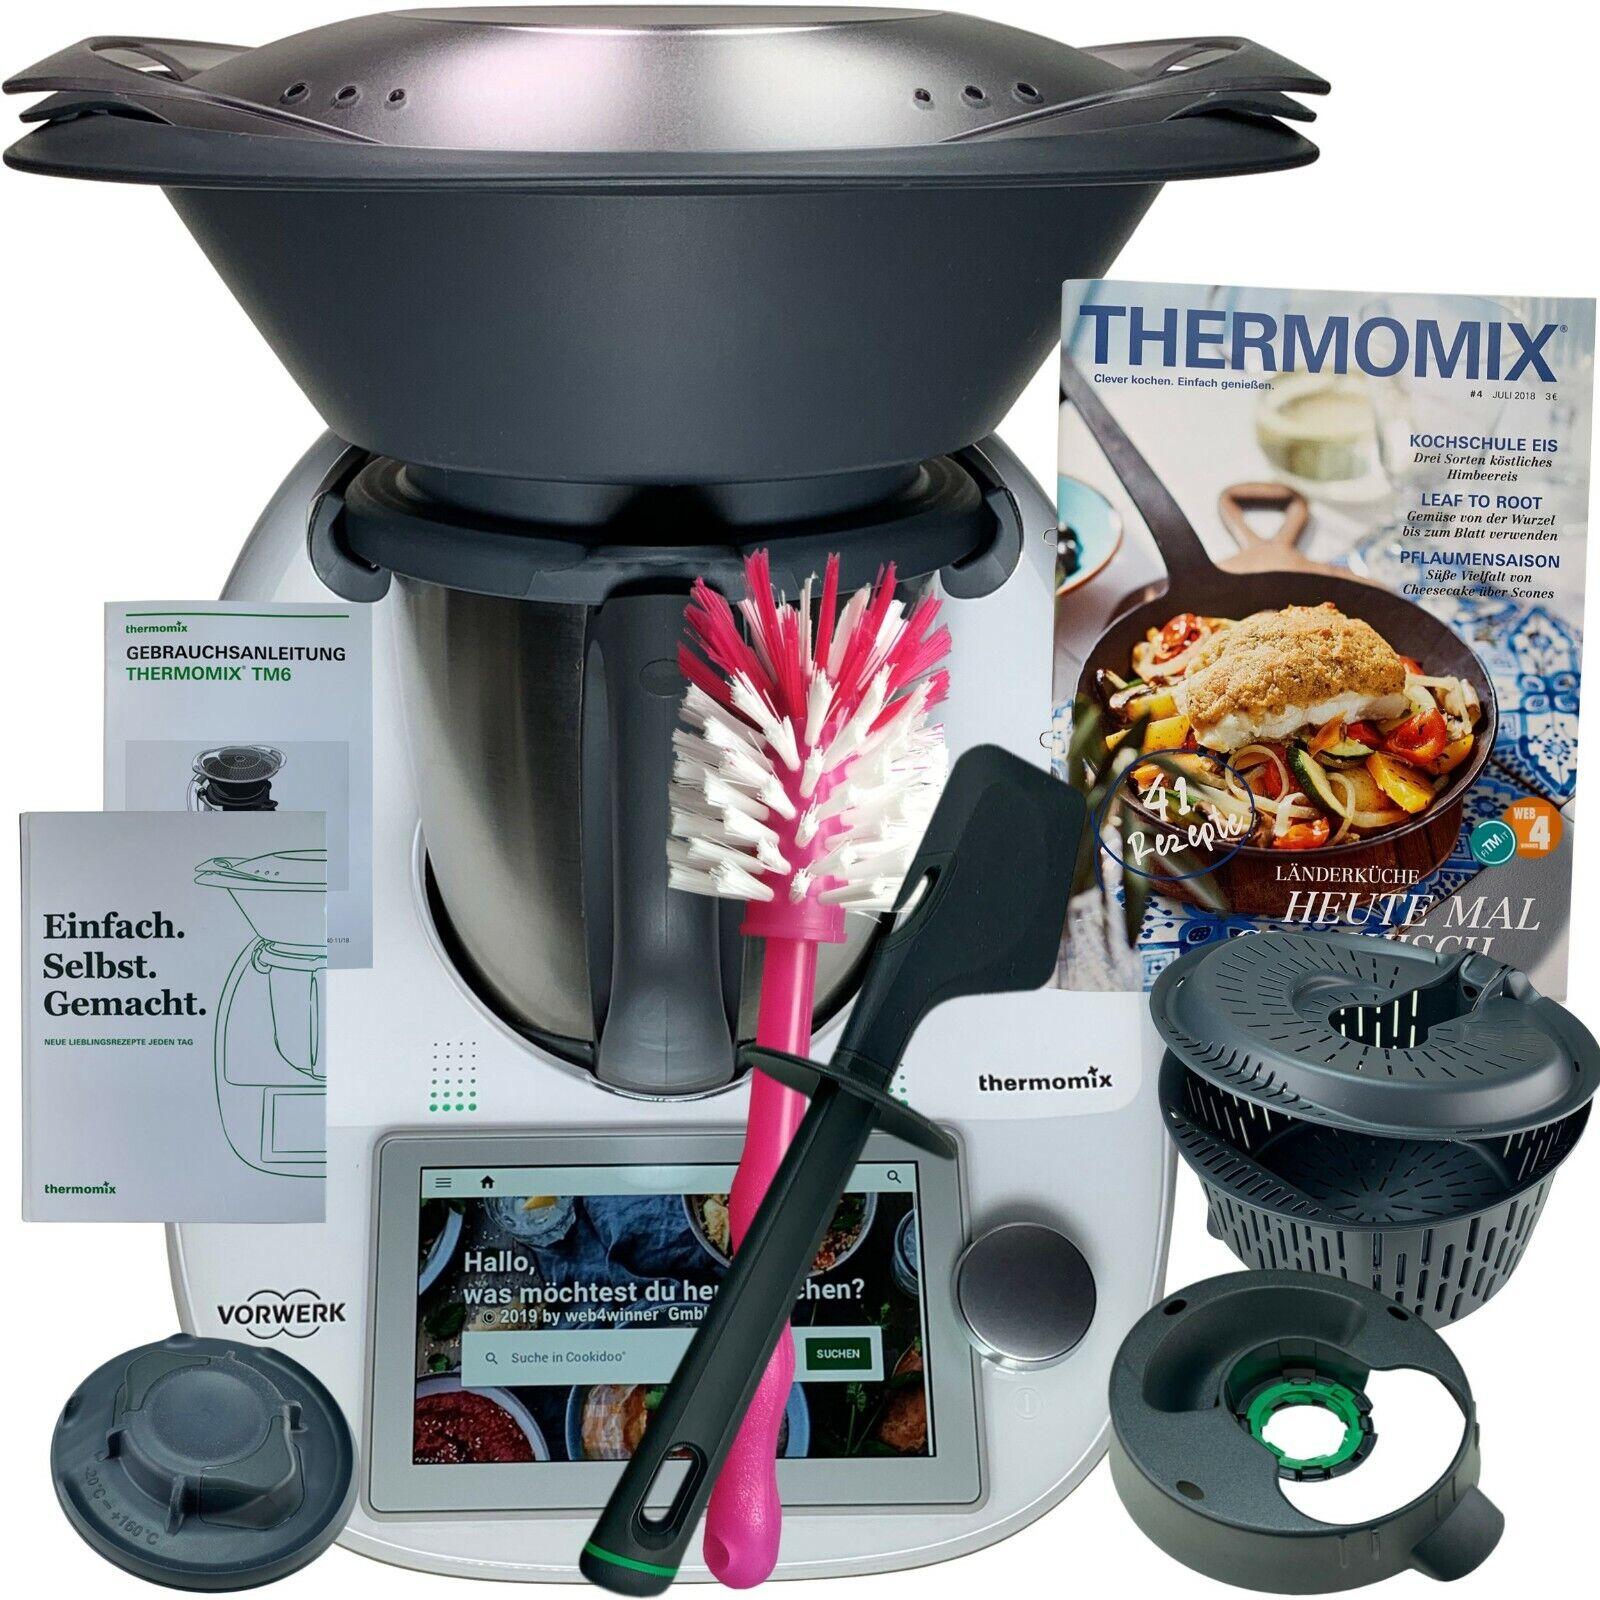 Vorwerk Thermomix TM6 *COOKIDOO®* Zubehör Kochbuch Bürste NEU OVP TM 6 WLAN TOP